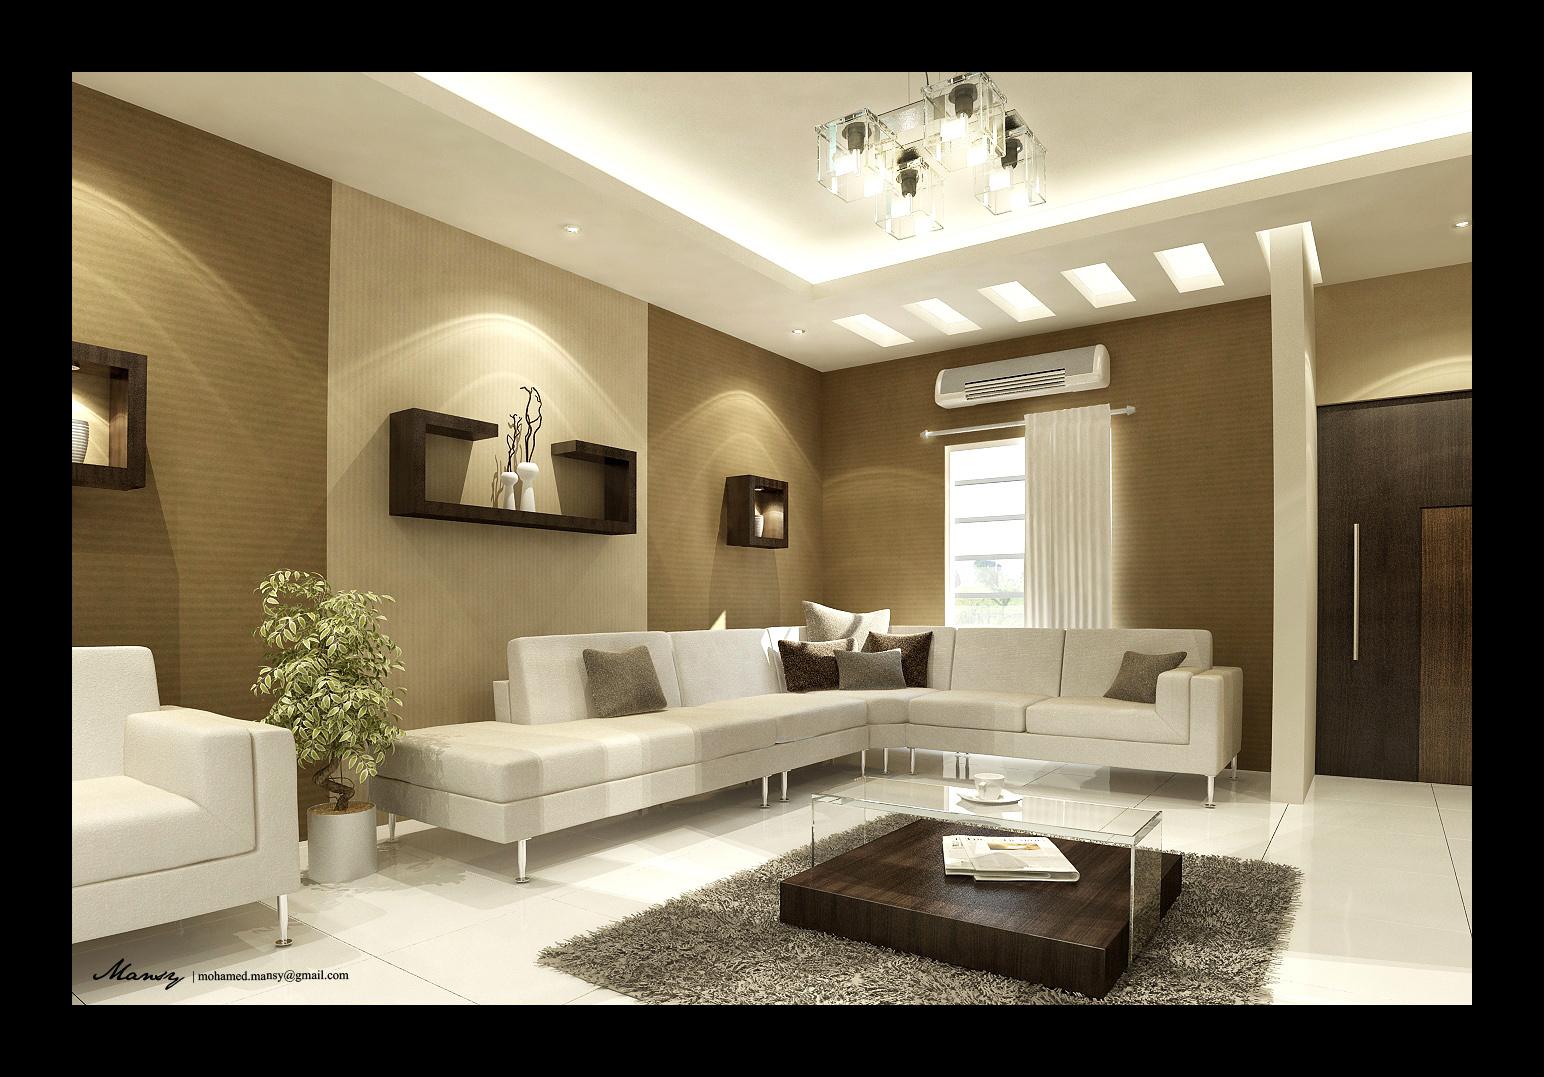 house-livingroom-design-by-mohamedmansy.jpg